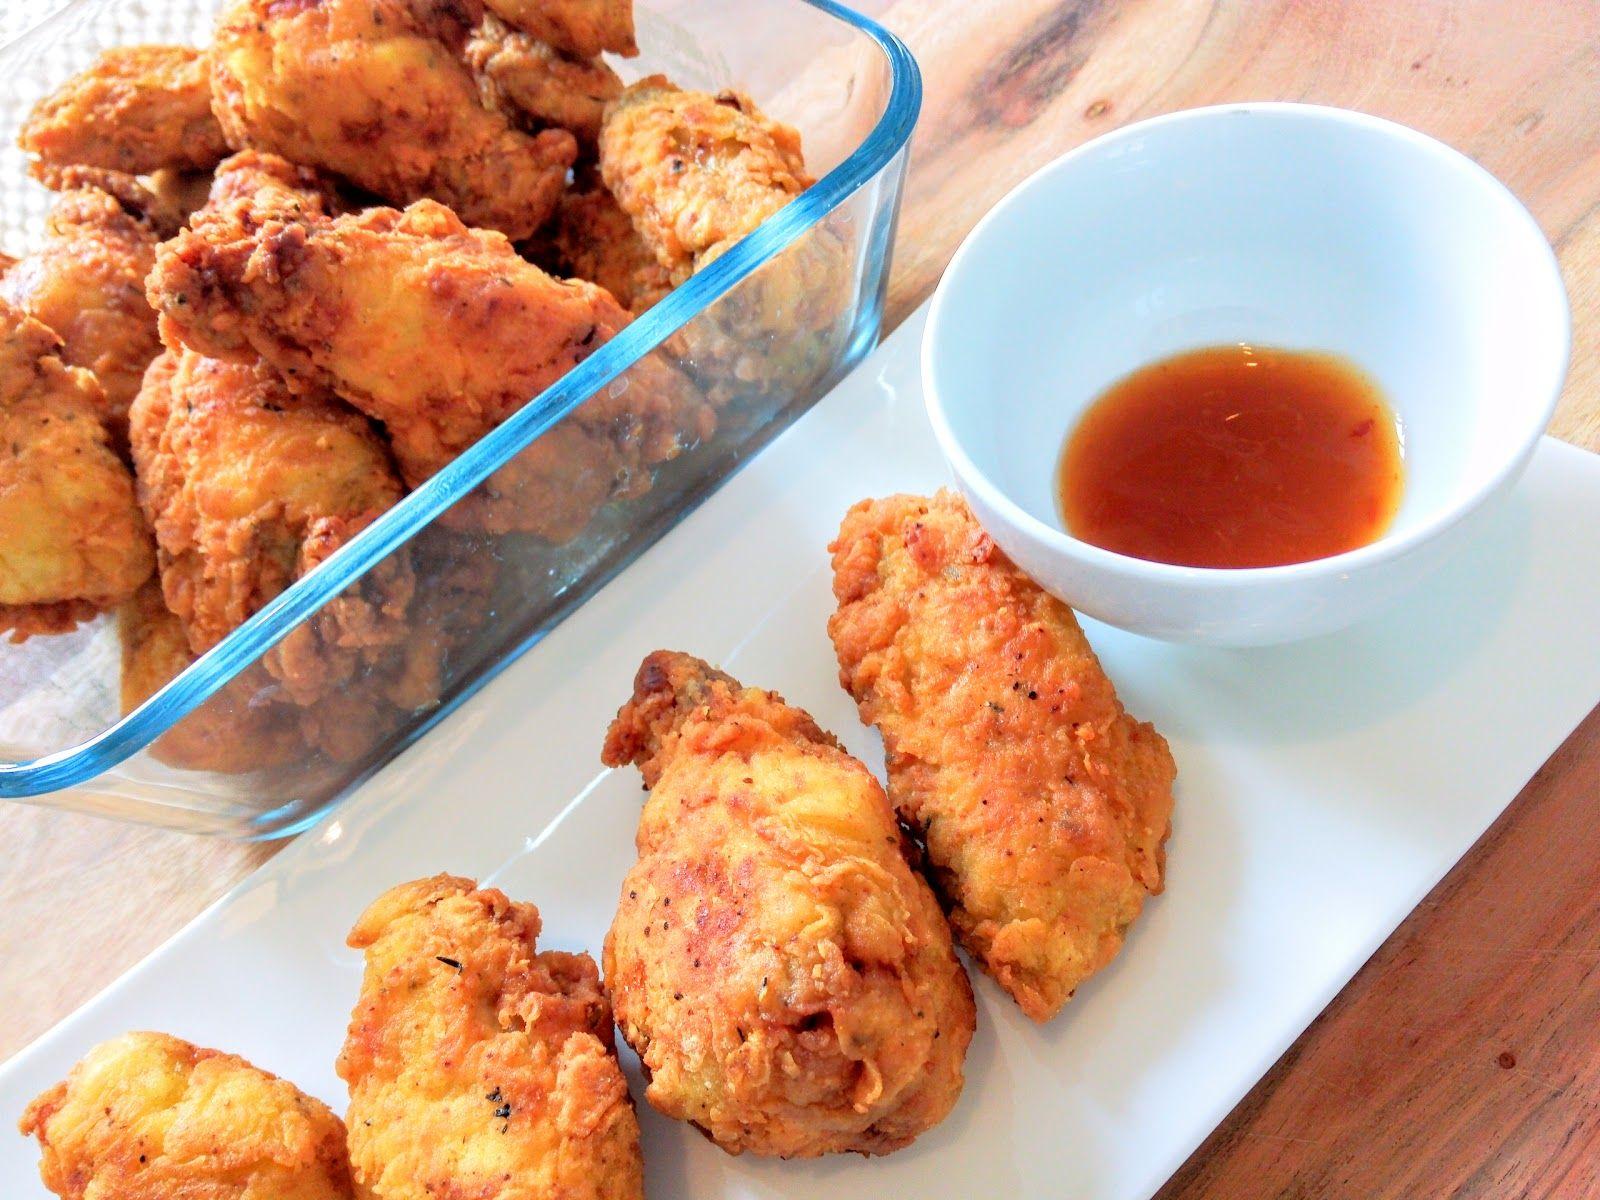 Je cuisine cr ole poulet croustillant l 39 antillaise - Cuisine creole antillaise ...